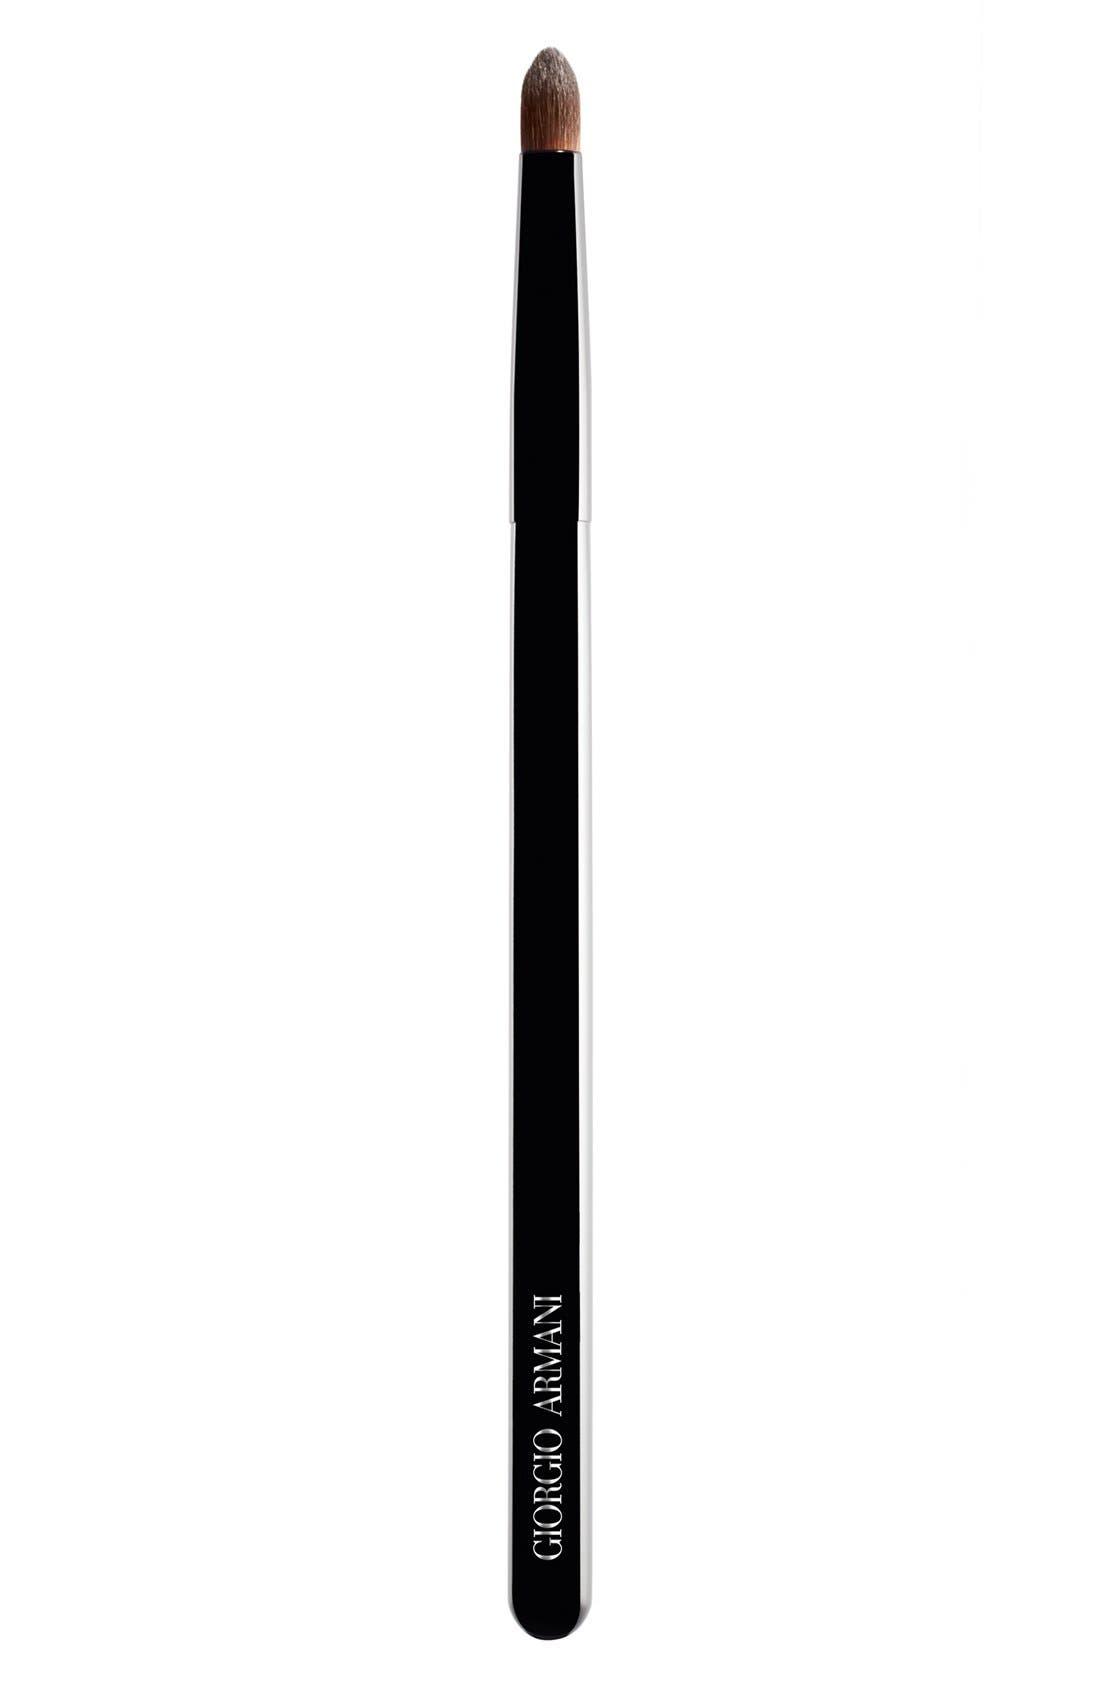 'Maestro' Blending Eye Brush,                             Main thumbnail 1, color,                             000